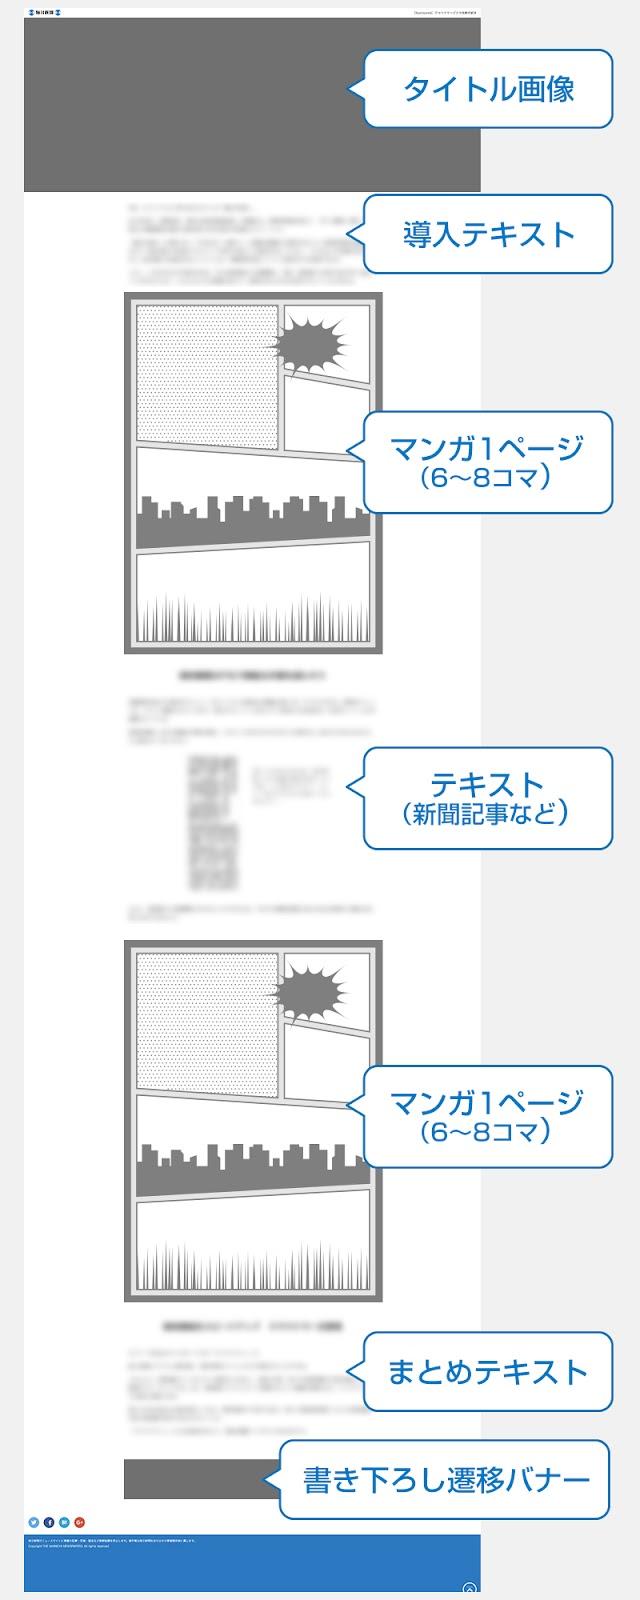 デジタル毎日「マンガマーケティング®」プラン